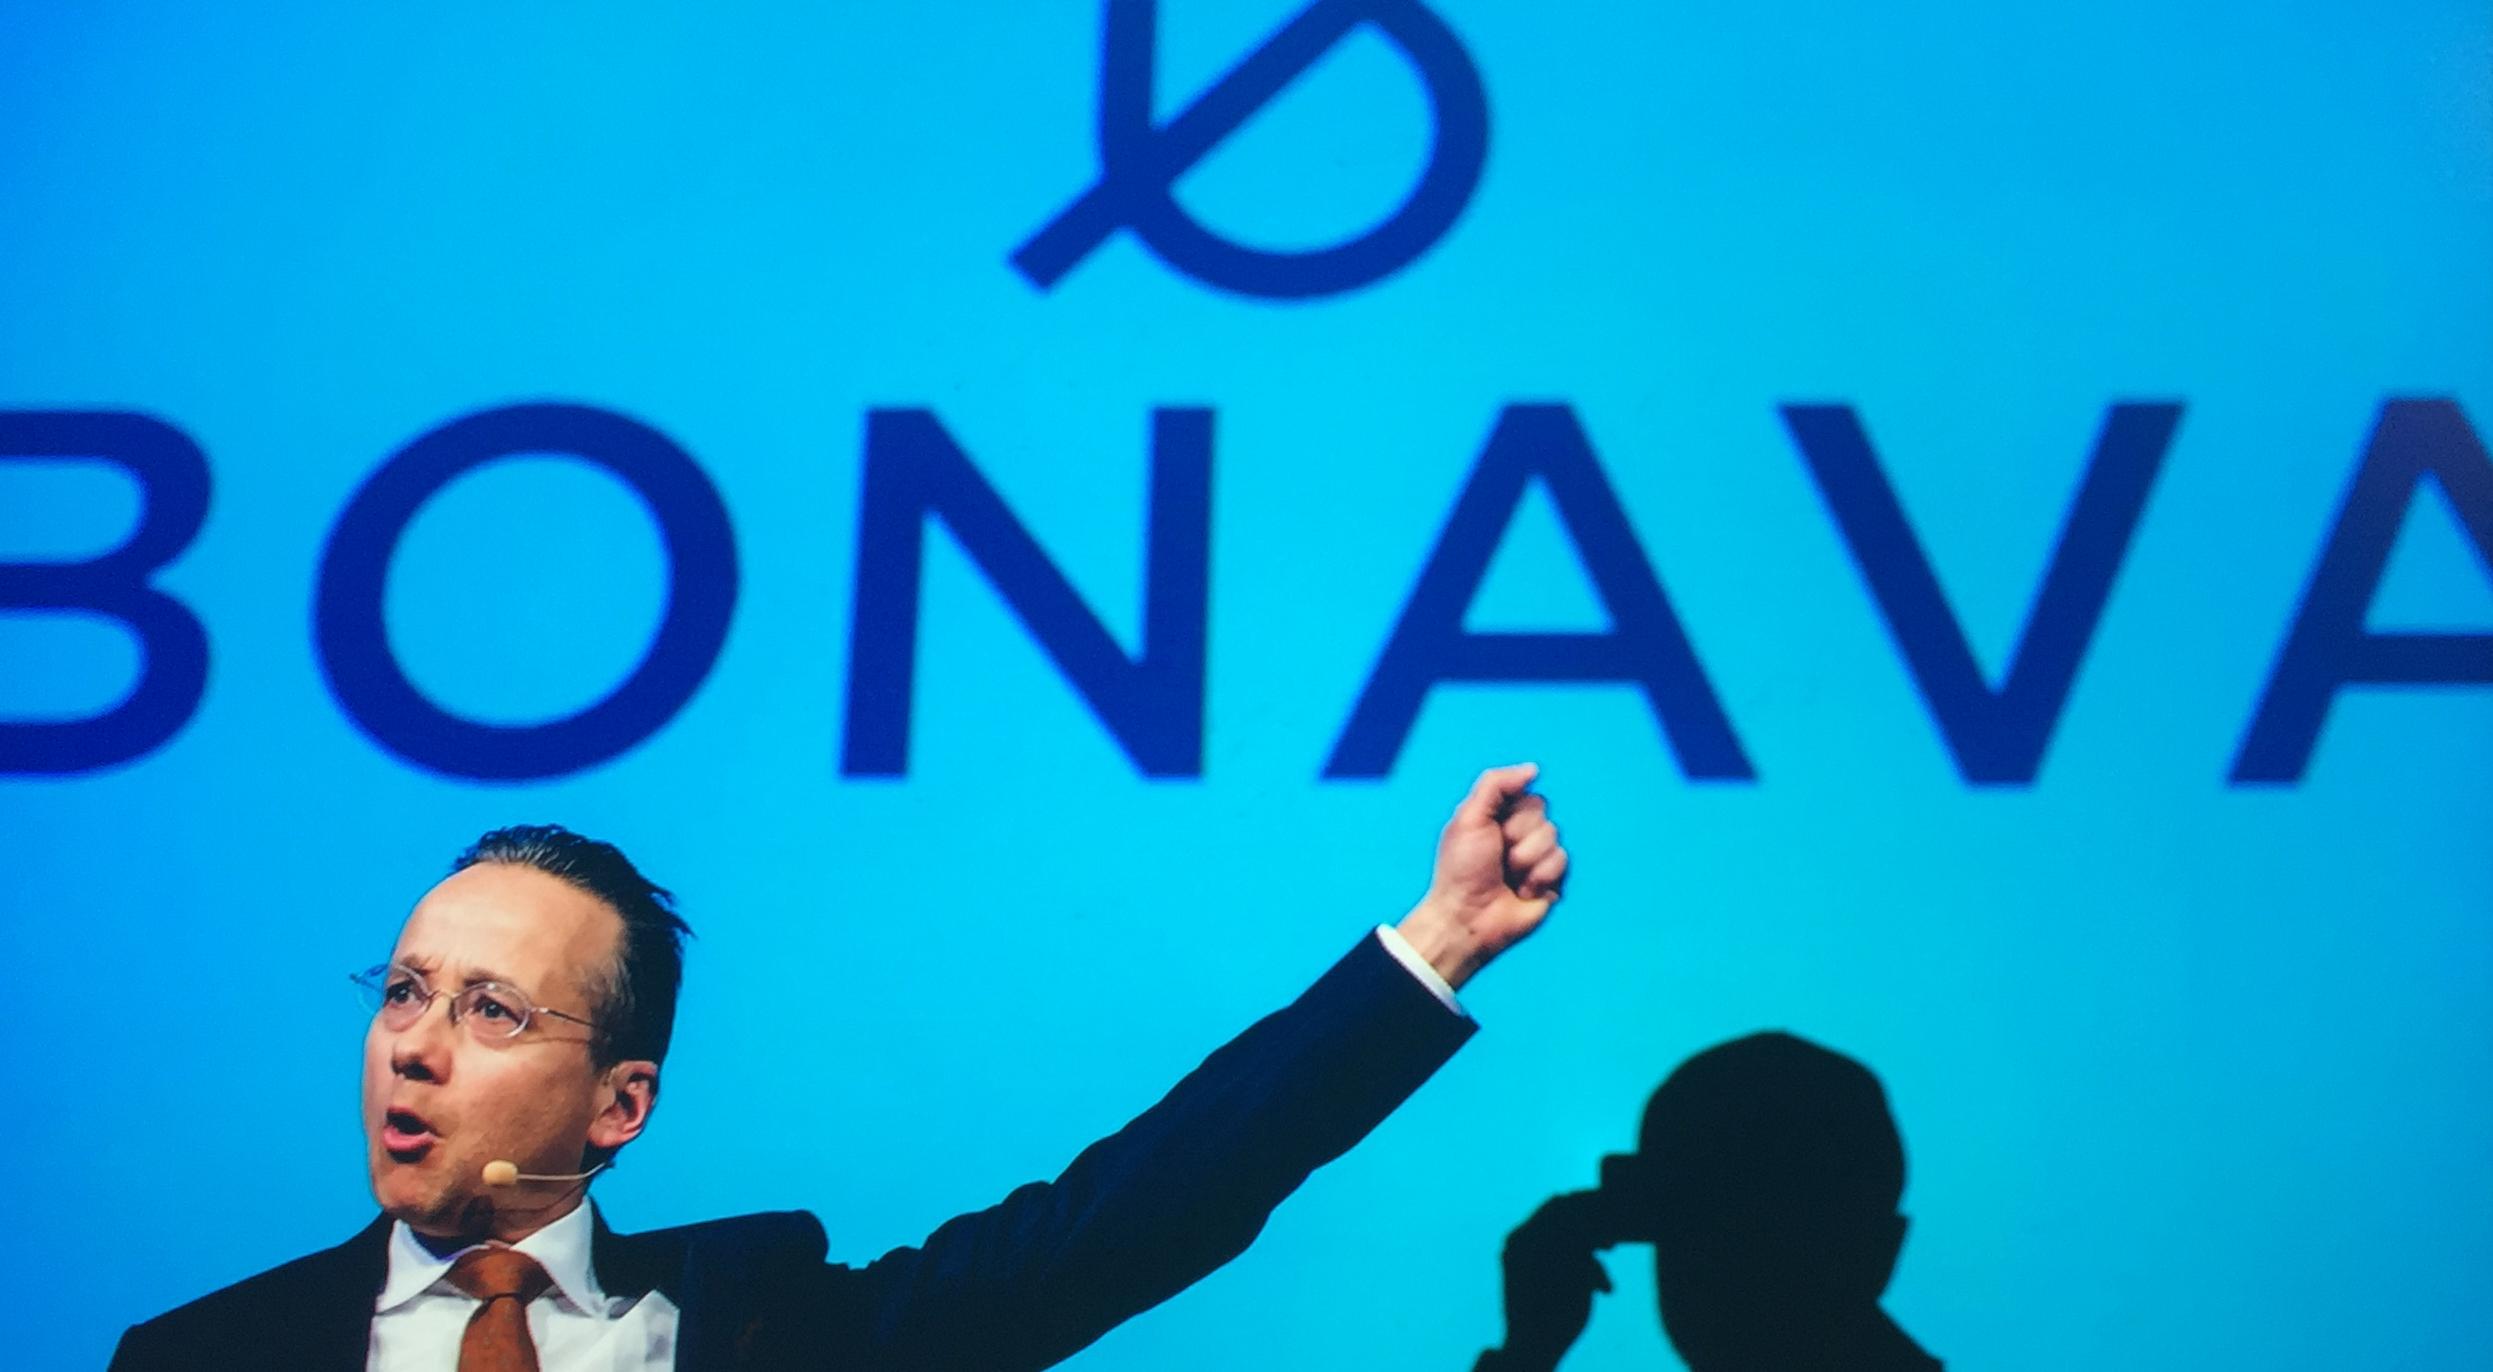 Bonava 2016-04-13 08 45 10.jpg